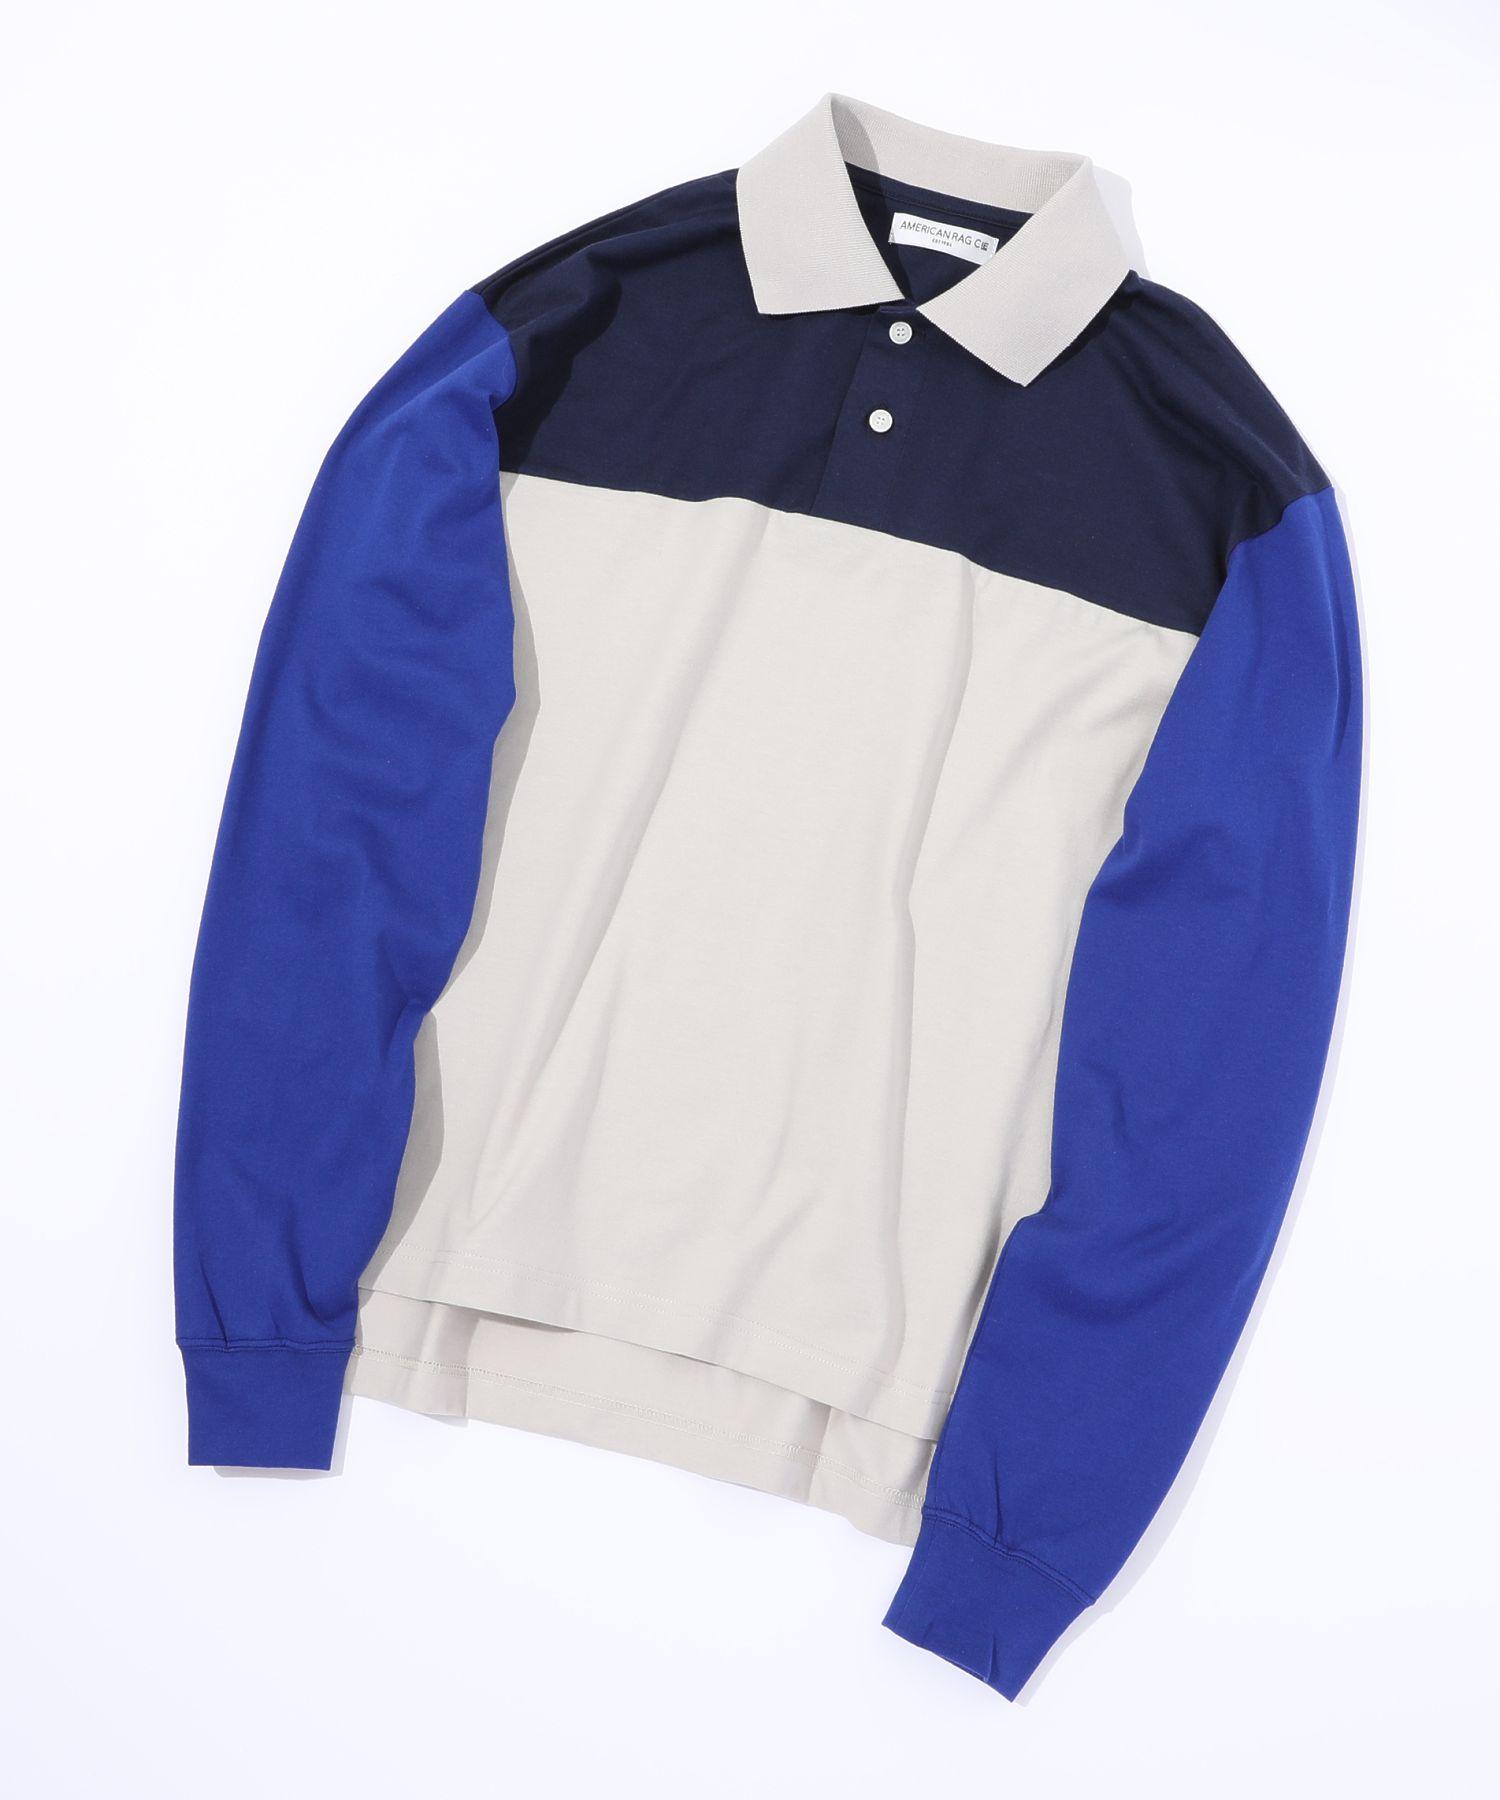 アメリカンラグシー AMERICAN RAG CIE / ビッグパネルポロ Big Paneled Poloshirt